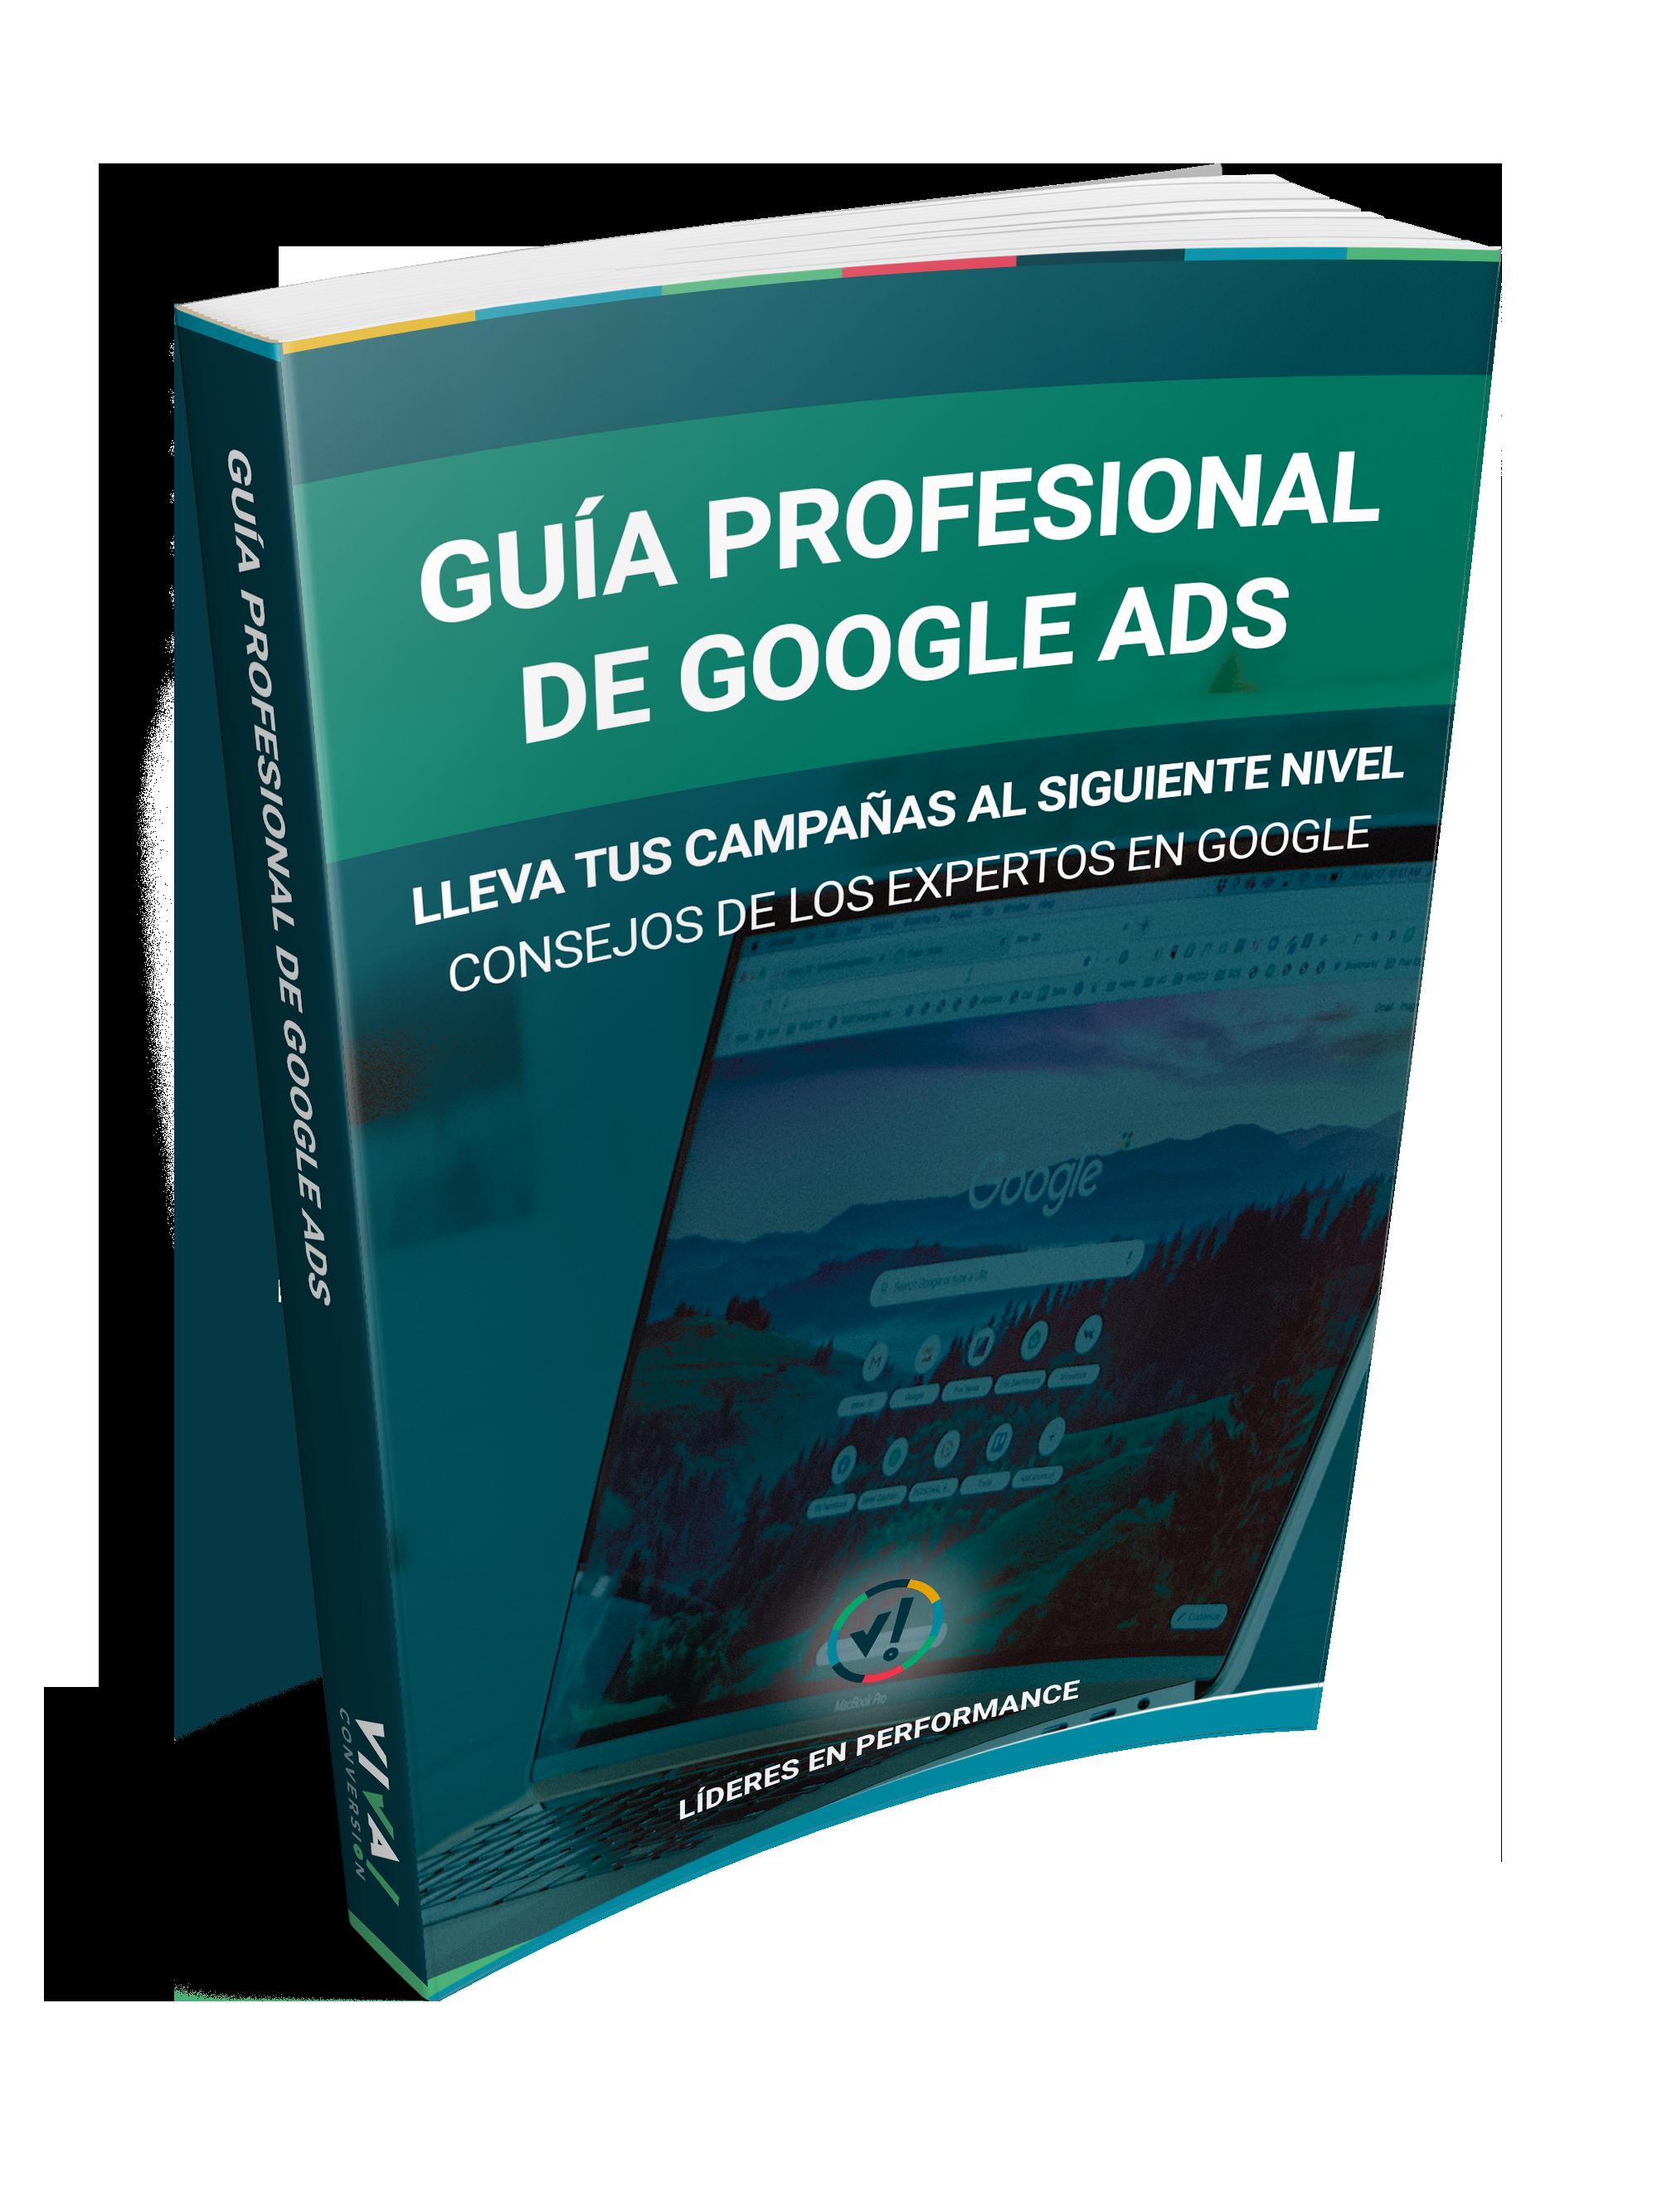 Guía avanzada de Google Ads